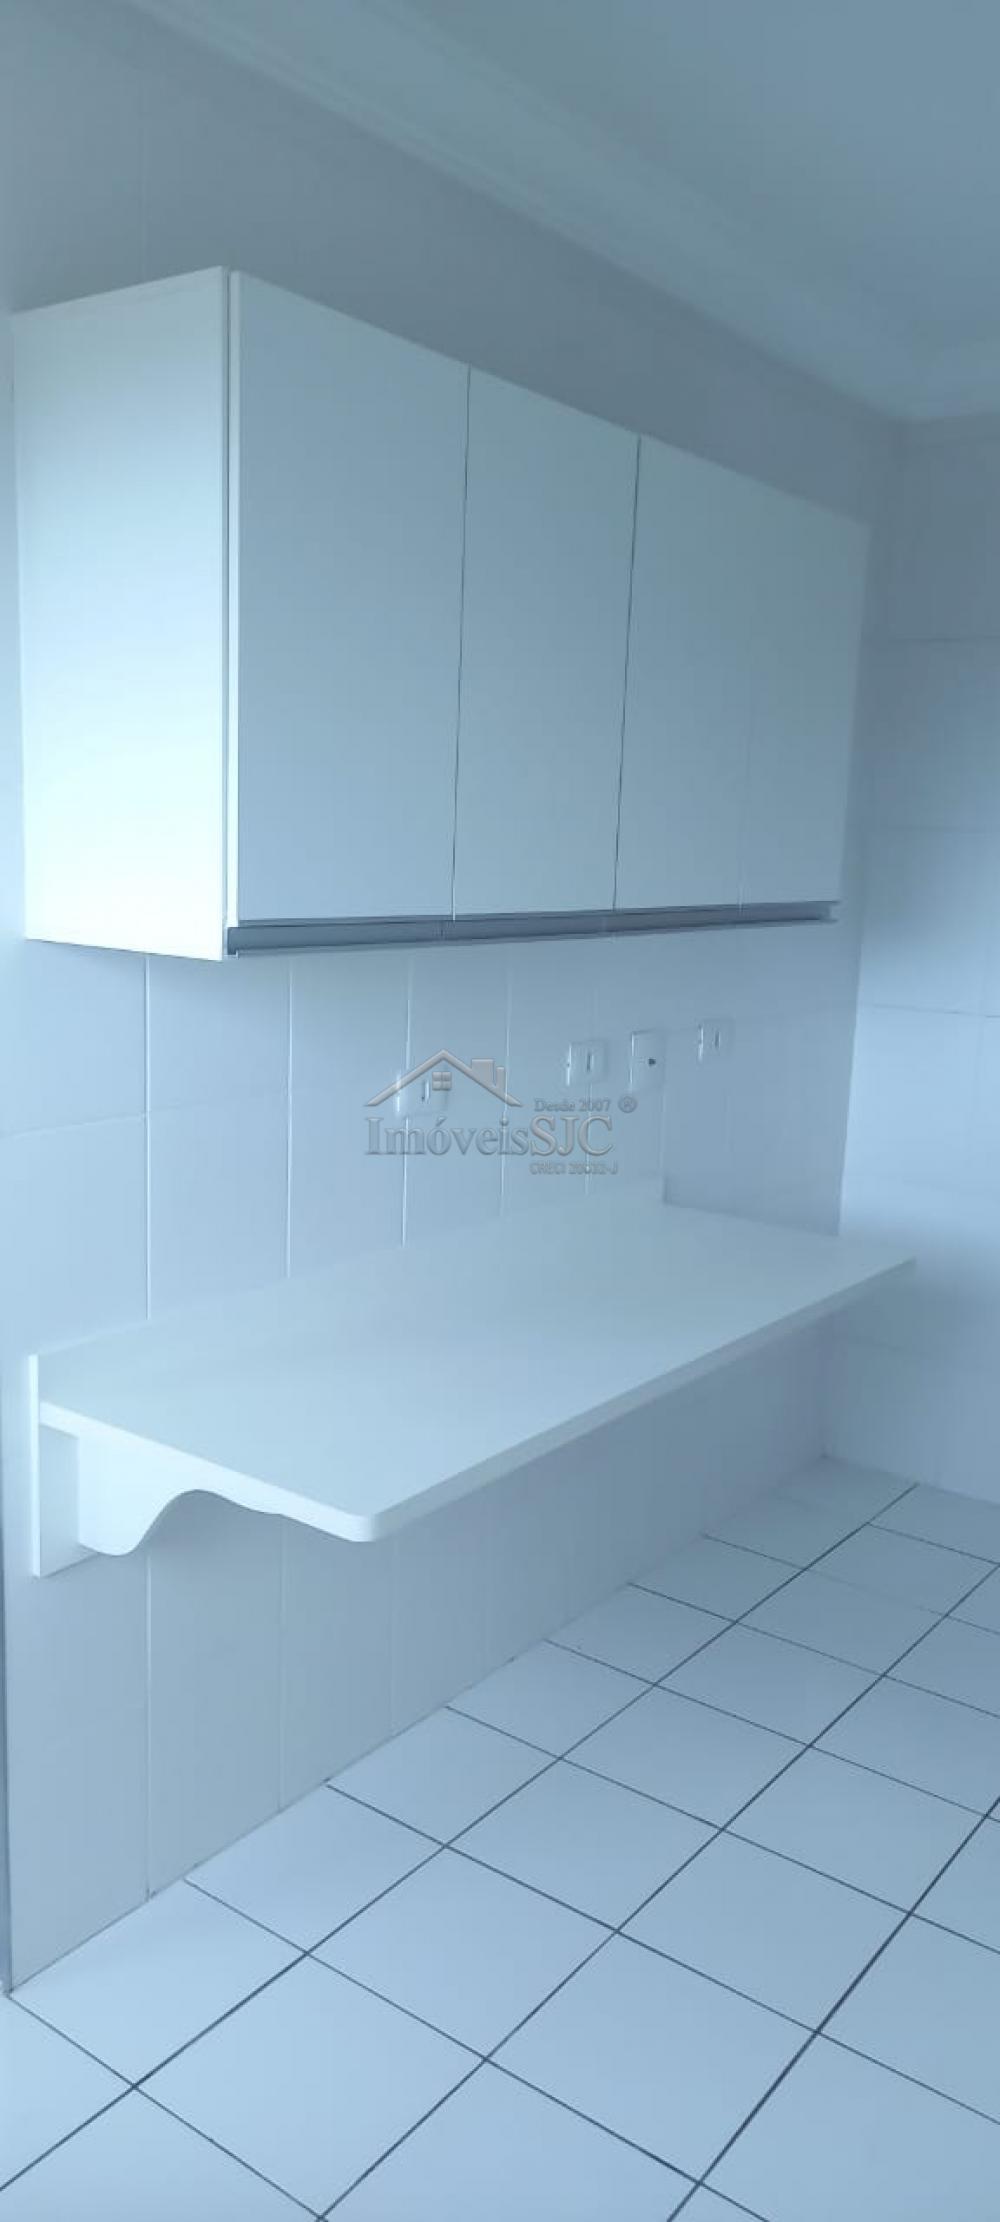 Comprar Apartamentos / Padrão em São José dos Campos apenas R$ 270.000,00 - Foto 15